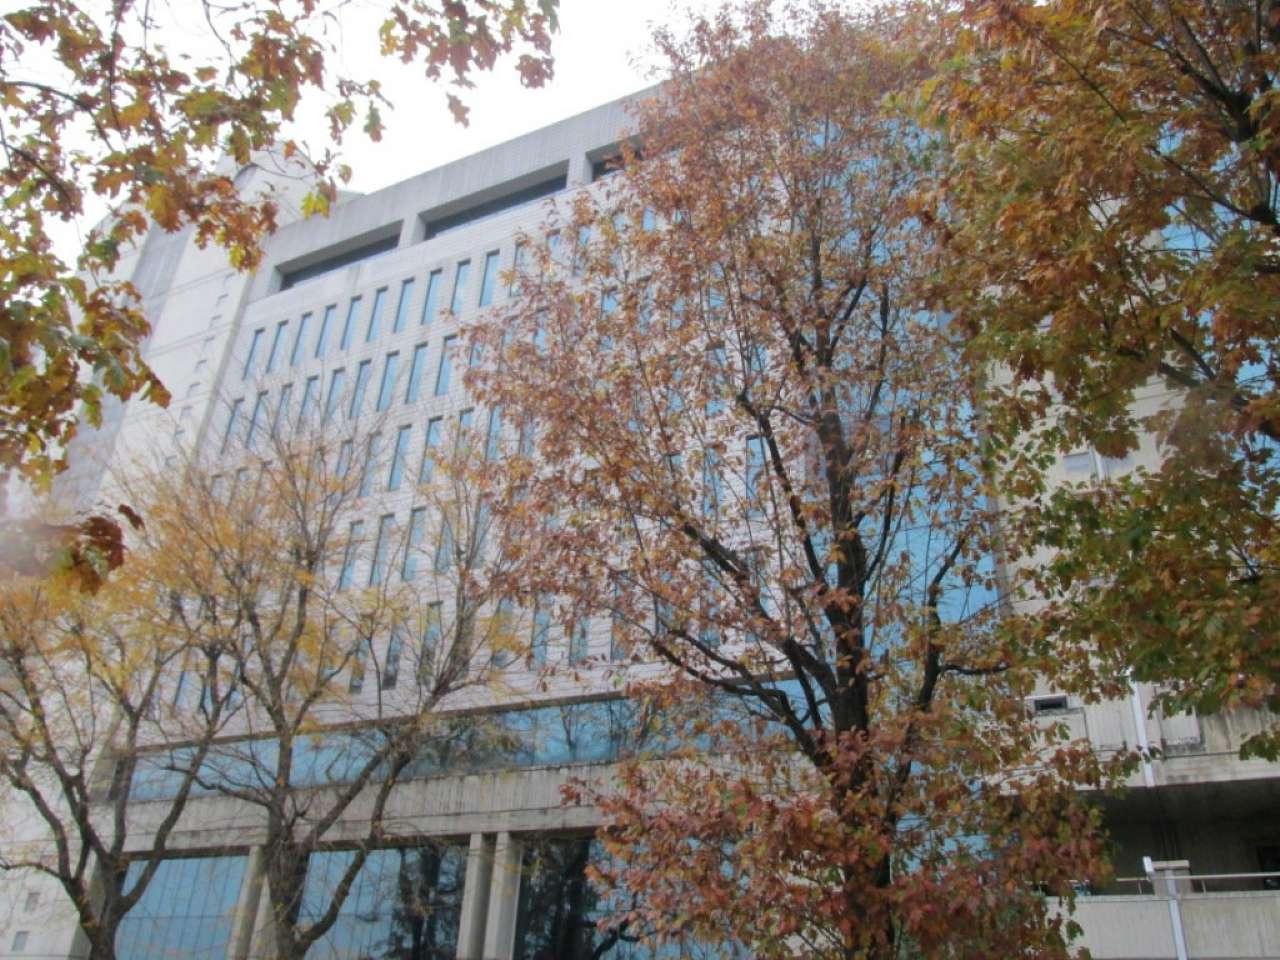 Ufficio-studio in Vendita a Segrate: 1 locali, 45 mq